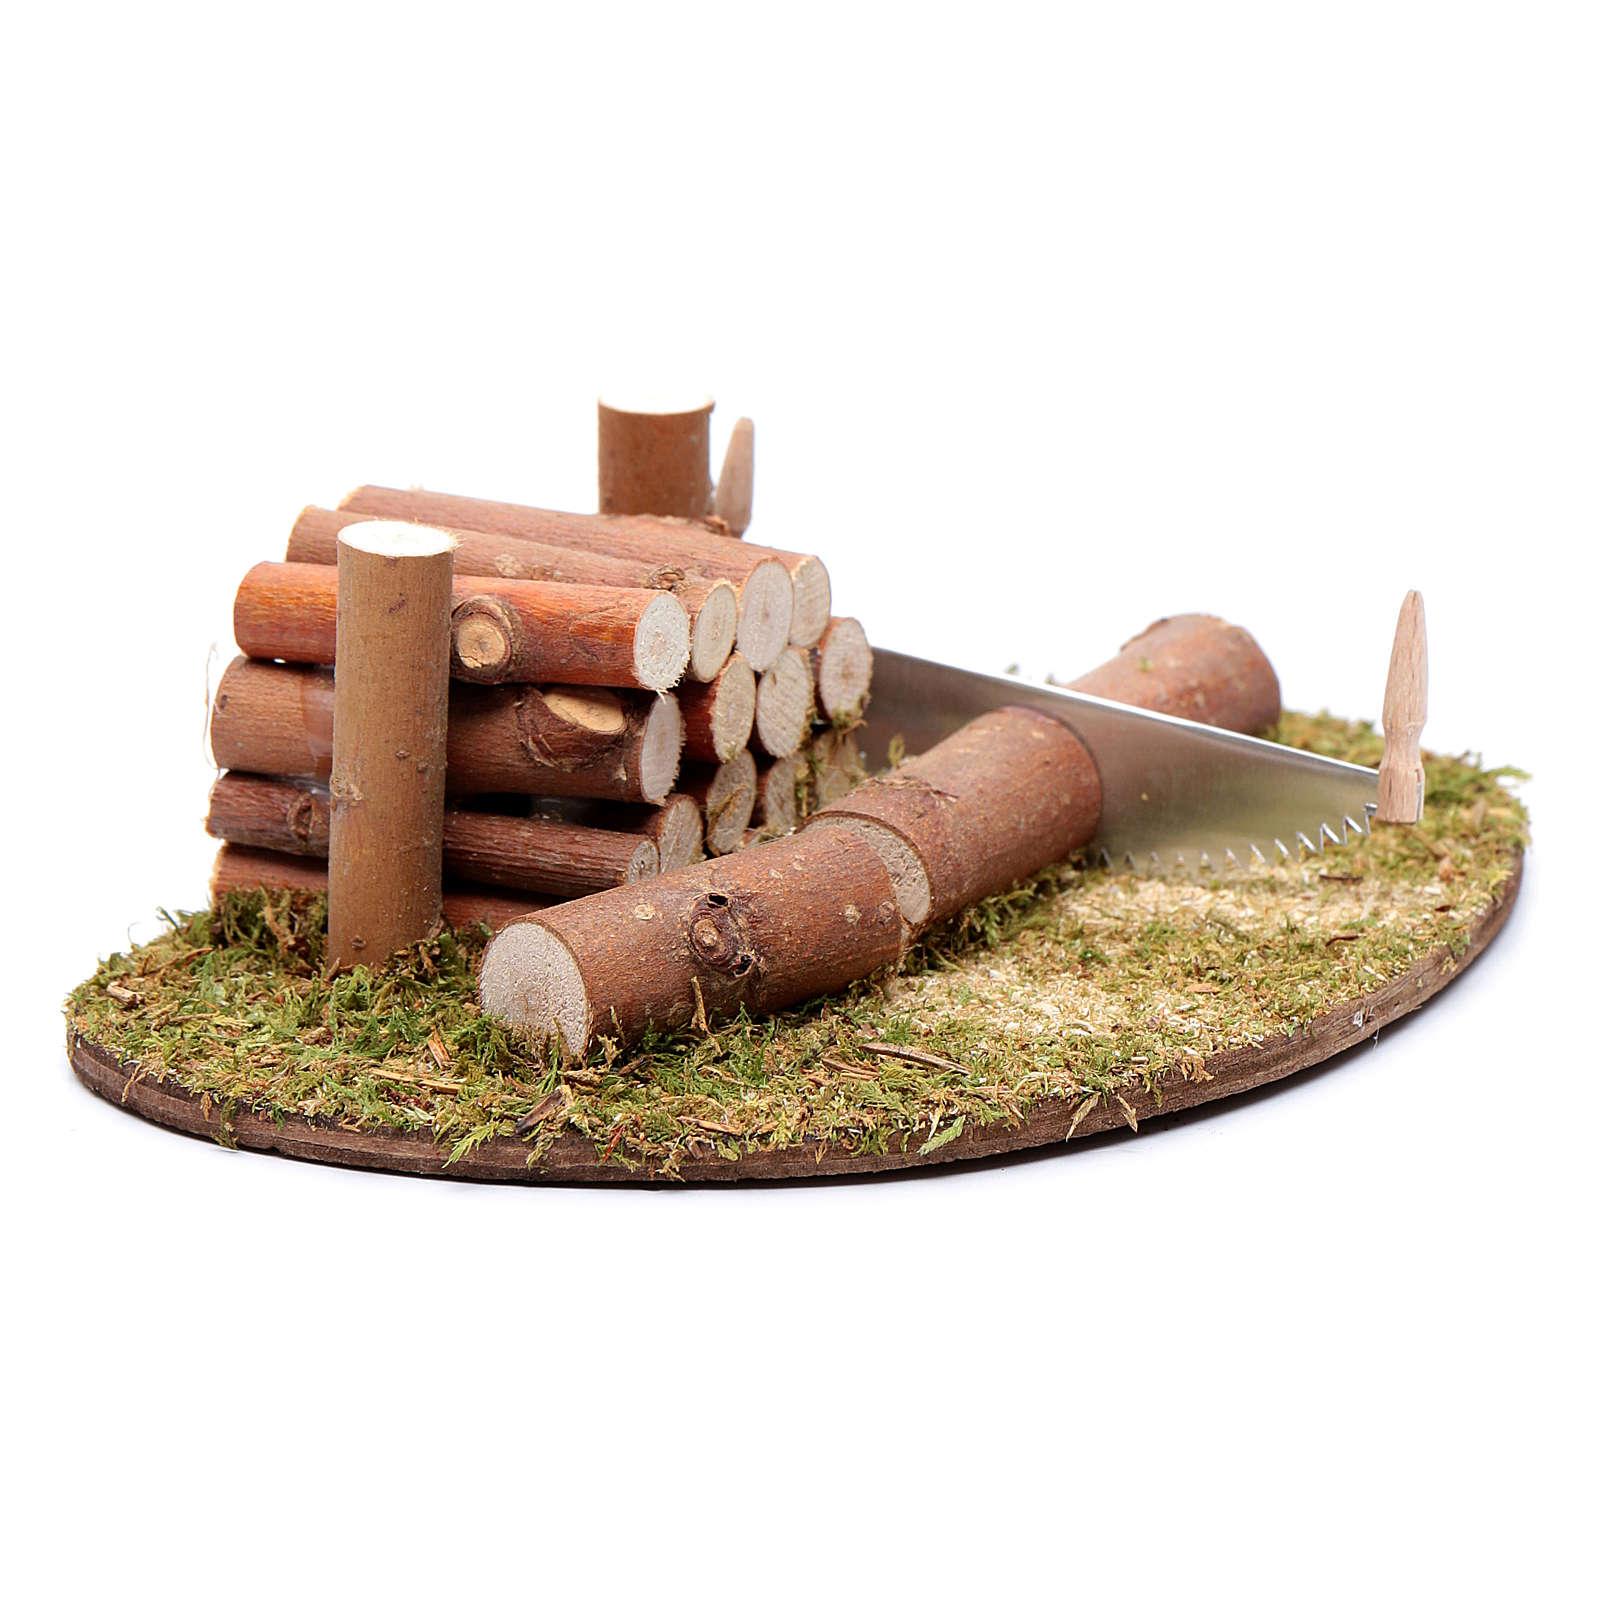 Ambientazione seghetto e legna 5x15x10 cm 4